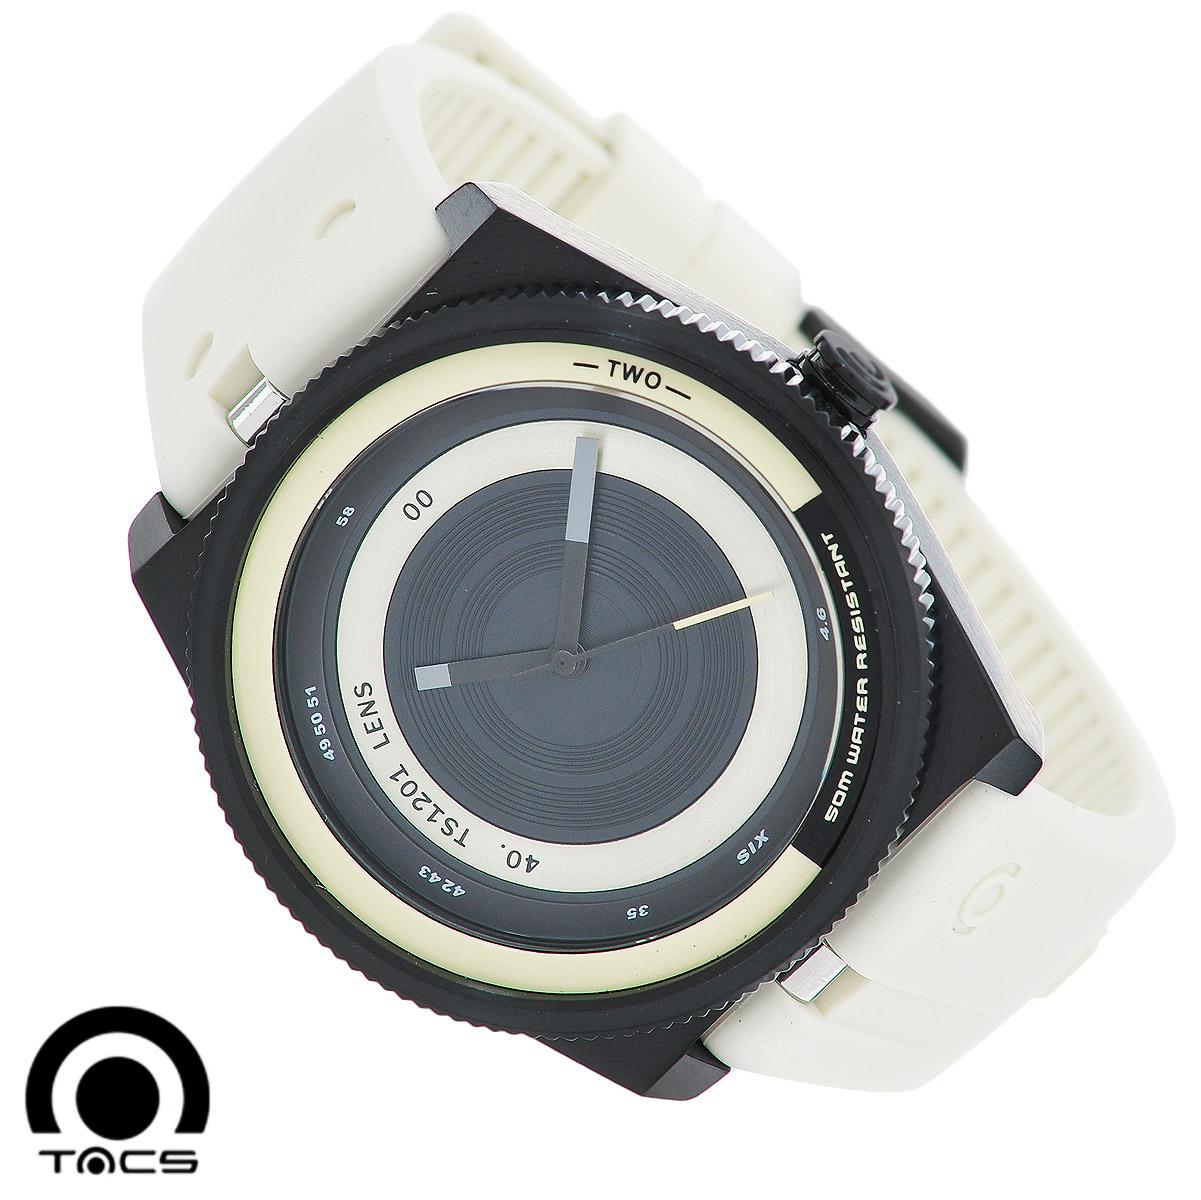 Часы мужские наручные Tacs Color Lens-A, цвет: черный, белый. TS1201ABM8434-58AEОригинальные кварцевые наручные часы Tacs Color Lens-A созданы для людей, ценящихкачество, практичность и индивидуальность в каждой детали. Часы оснащены японским кварцевым механизмом MIYOTA 2036. Корпус часов выполнен изнержавеющей стали с PVD-покрытием. Его ширина увеличена до 44 мм вдиаметре. Корпус водонепроницаемый, что позволяет заниматься плаванием в часах.Выделяется безель часов, выполненный в виде шестеренки. Циферблат с цветной вставкой оформлен в виде объектива фотокамеры, что смотрится нестандартно и оригинально.Часы имеют три стрелки - часовую, минутную и секундную. Часовая и минутная стрелкифлуоресцентные, то есть светятся в темноте. Часть цифр на циферблате отсутствует.Циферблат защищен прочным минеральным стеклом, устойчивым к царапинам и повреждениям.Ремешок часов, выполненный из силикона, долговечен и очень практичен виспользовании. Застегивается на классическую застежку. Дизайн силиконового ремешкавдохновлен кнопками цифровых камер. Оригинальные яркие часы Tacs покорят вас ярким неординарным дизайном, а высокое качество ипрактичность позволят использовать их долгие годы.Благодаря своему эксклюзивному дизайну часы позволят вам выделиться из толпы иподчеркнуть свою индивидуальность. Характеристики: Размер корпуса: 4,4 см х 4,4 см х 1,4 см.Диаметр циферблата: 3,9 см.Длина ремешка (с учетом корпуса): 25 см.Ширина ремешка: 2,2 см.